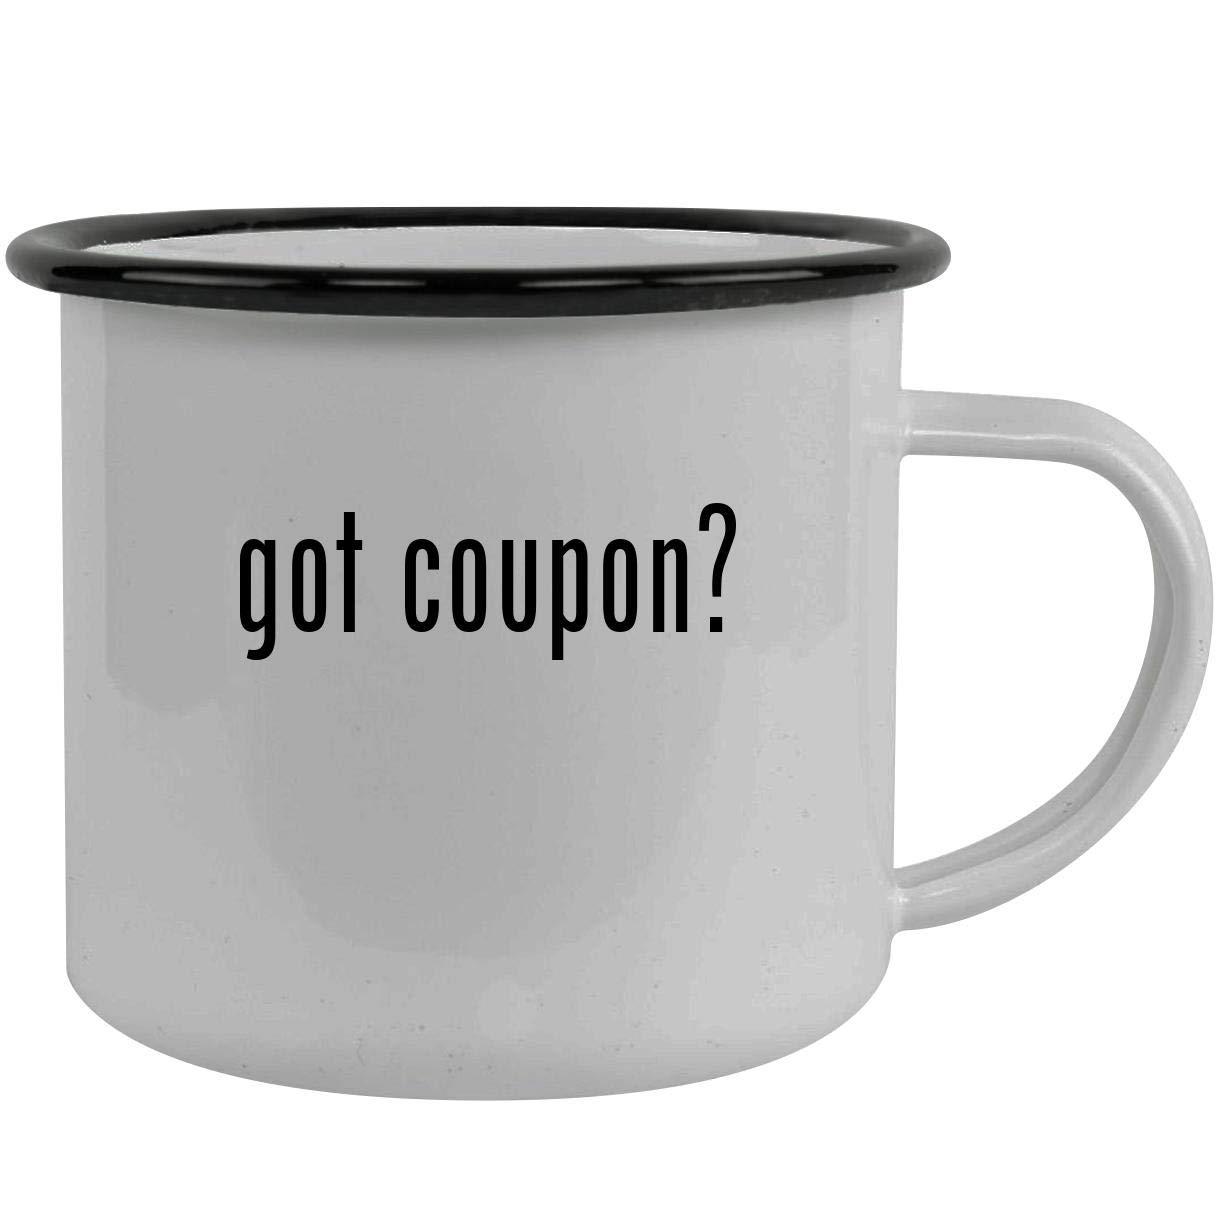 got coupon? - Stainless Steel 12oz Camping Mug, Black